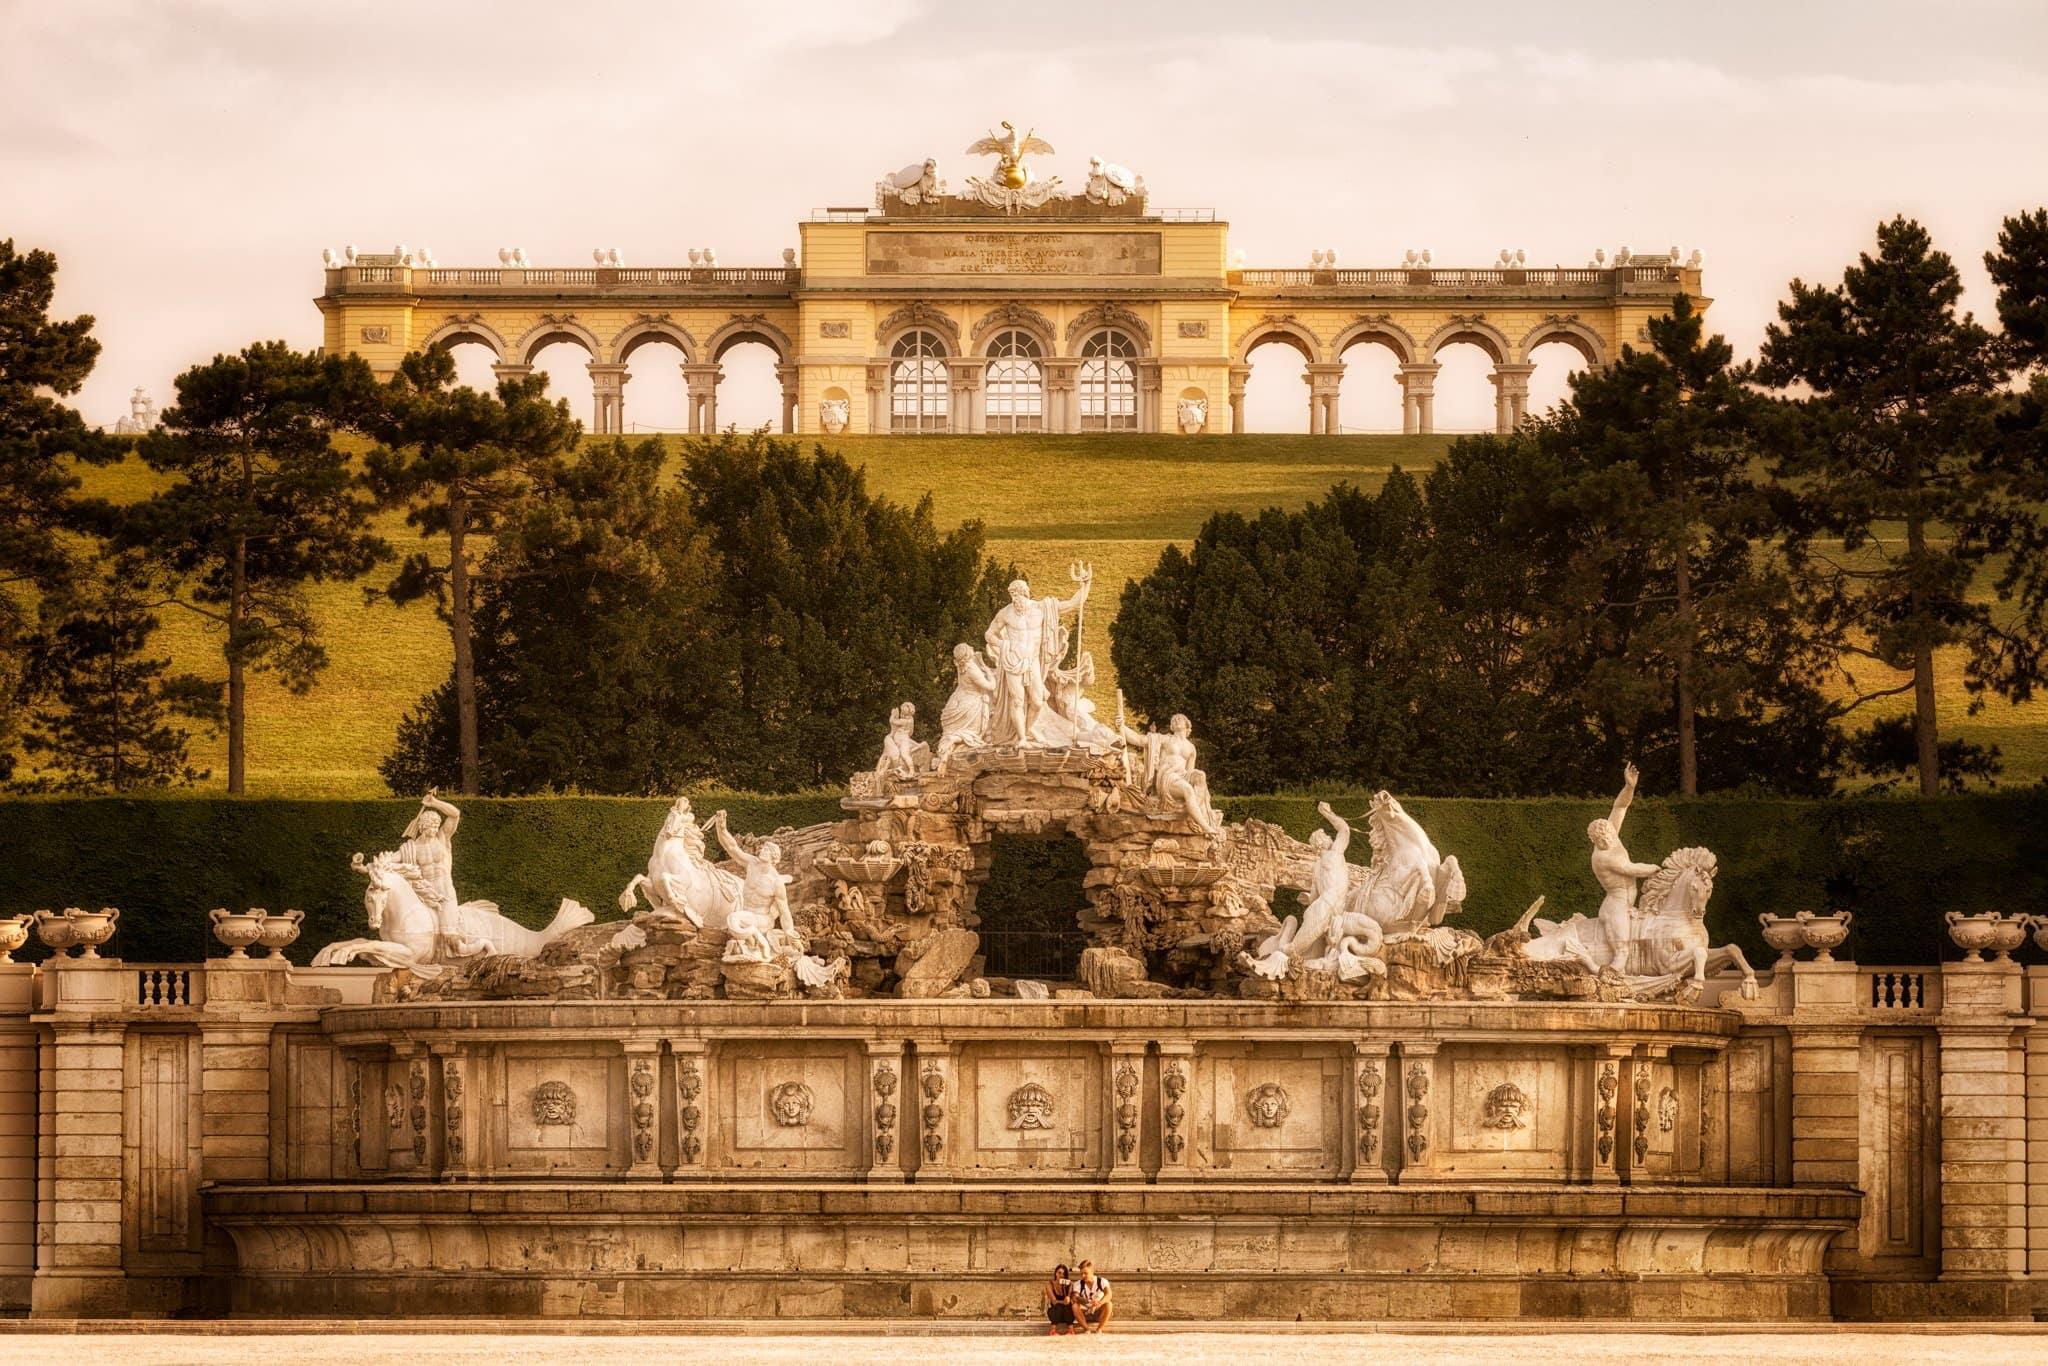 Schönbrunn Palace in Vienna Austria with the Glorietta Fountain